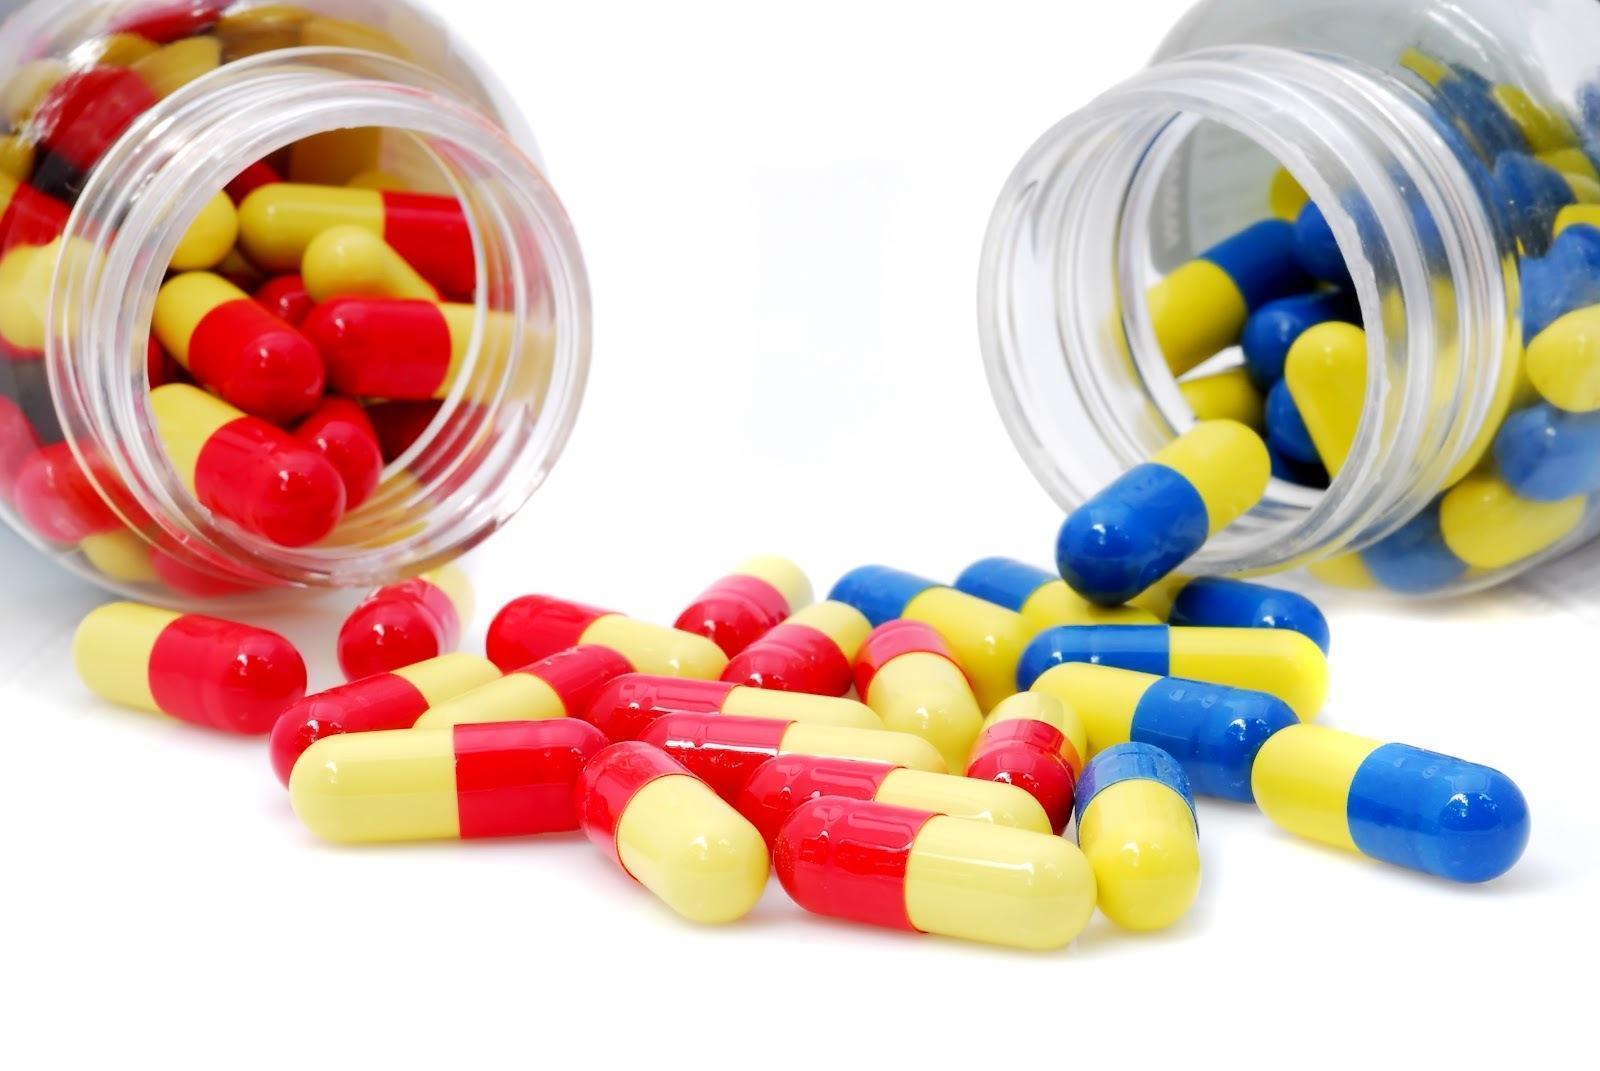 L-Carnitina, Inositol e Colina: Queimador  de Gordura e Energizante Durante o Exercício